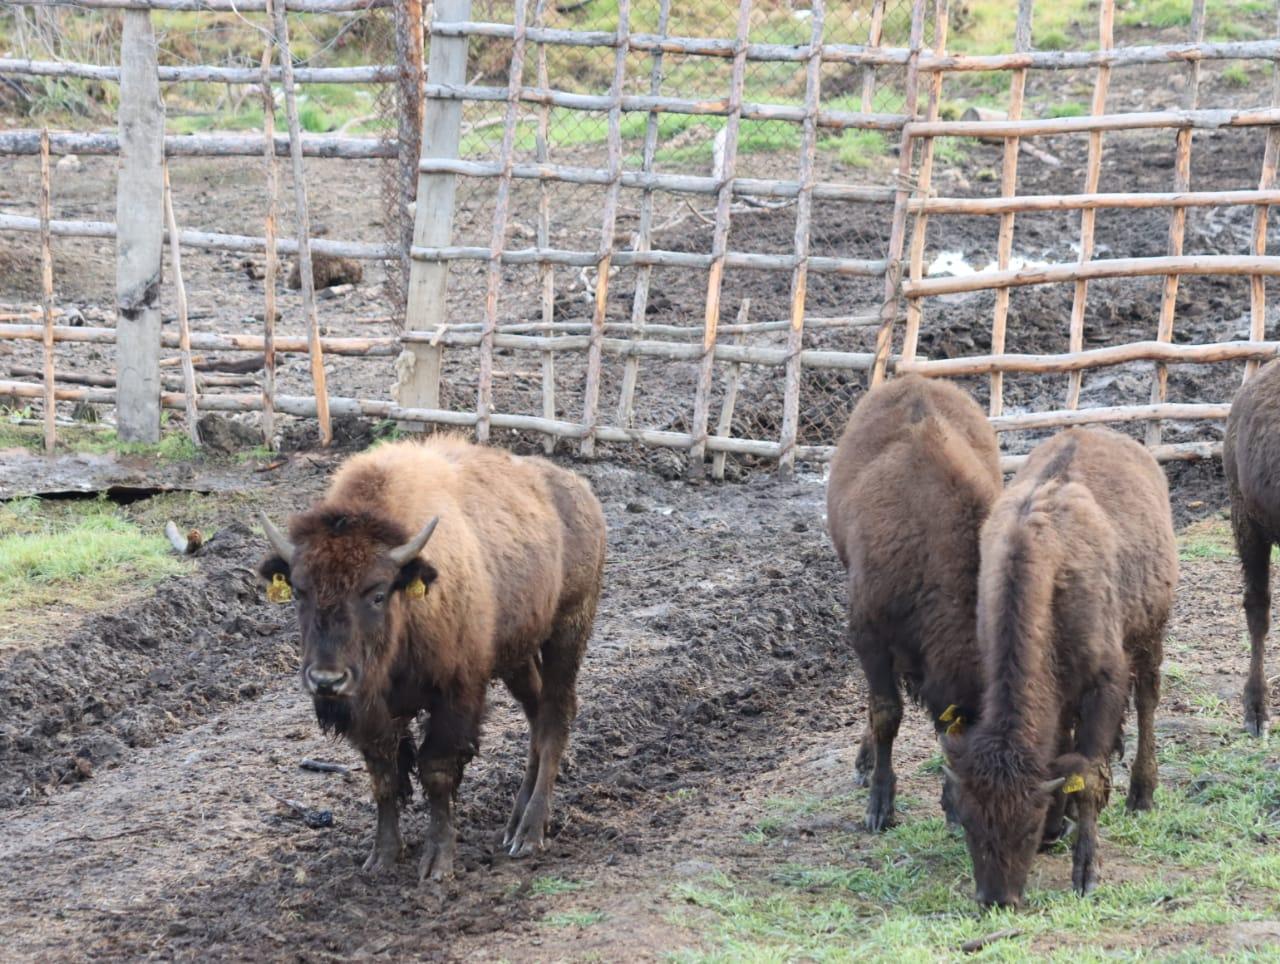 Двенадцать бизонов доставили в Плейстоценовый парк Якутии